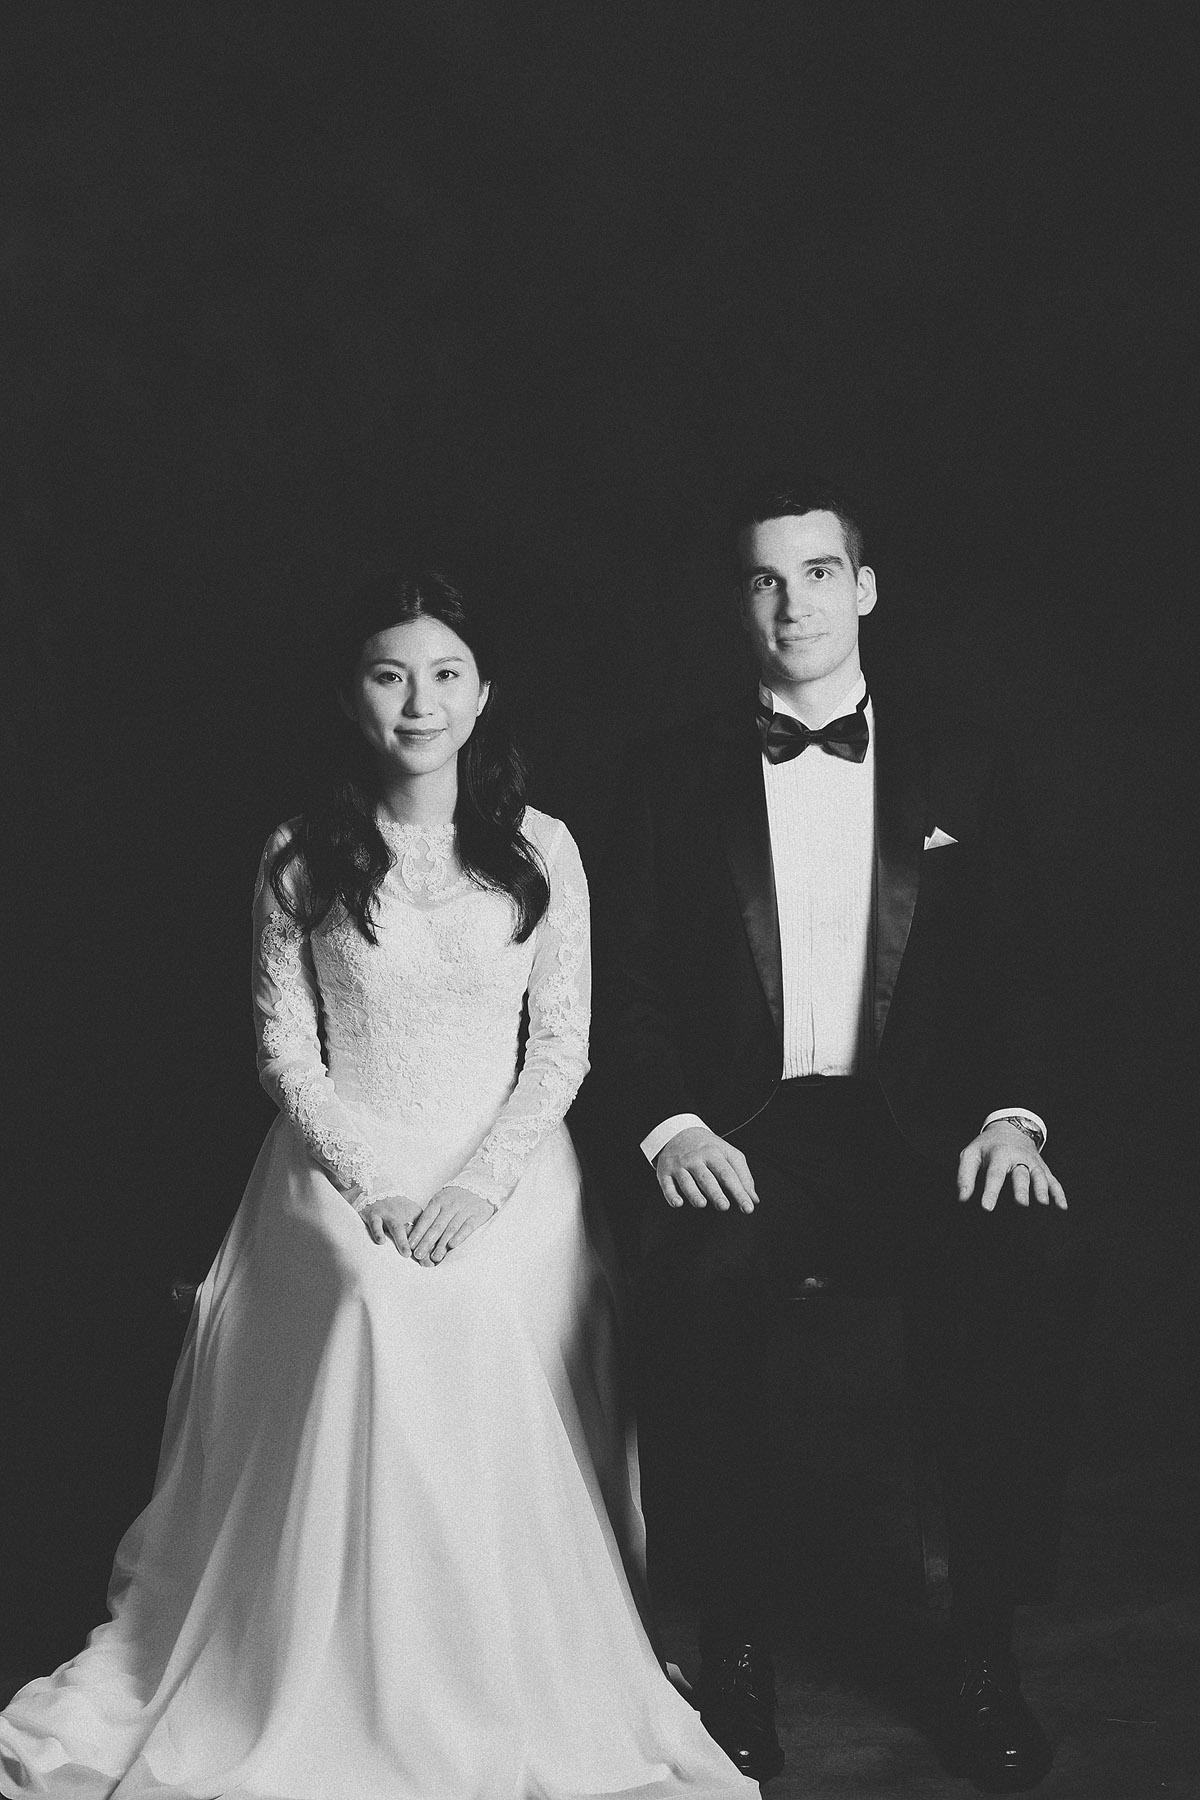 婚紗攝影,黑白,傳統婚紗,復古婚紗